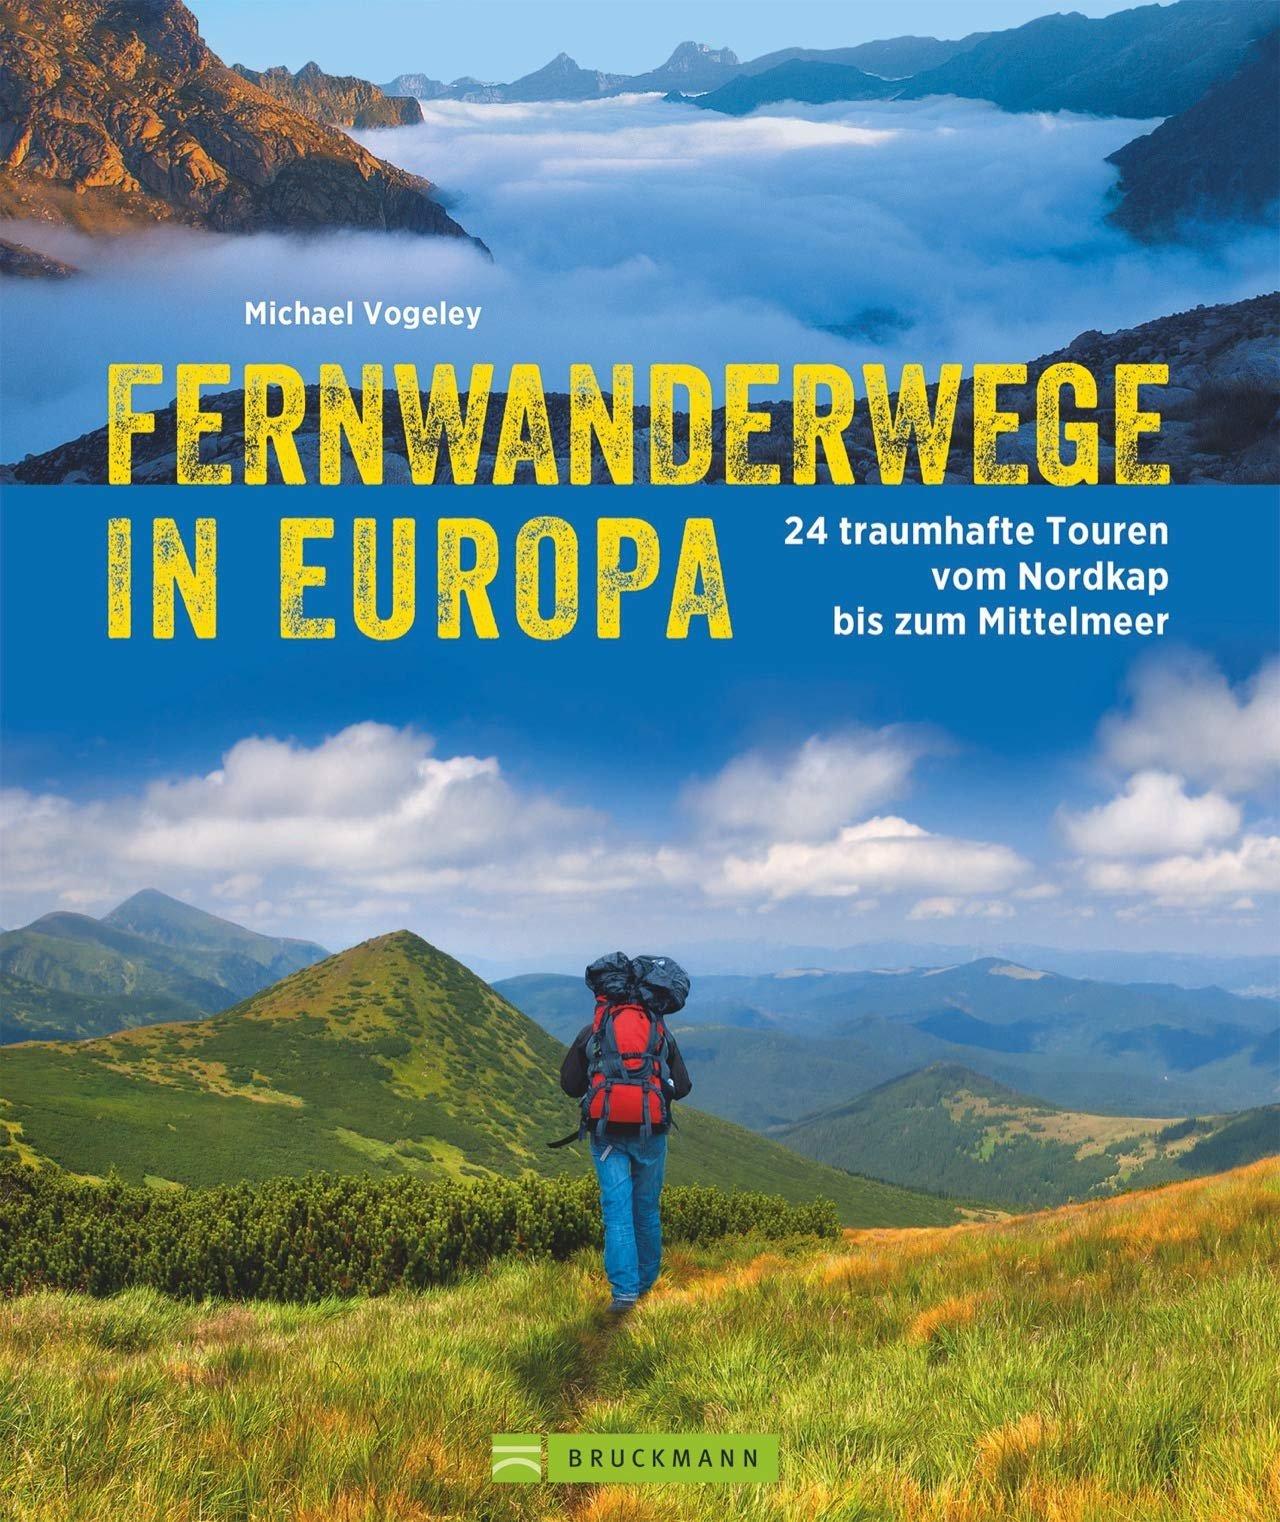 Fernwanderwege in Europa 9783734312816 Michael Vogeley Bruckmann   Meerdaagse wandelroutes, Wandelgidsen Europa